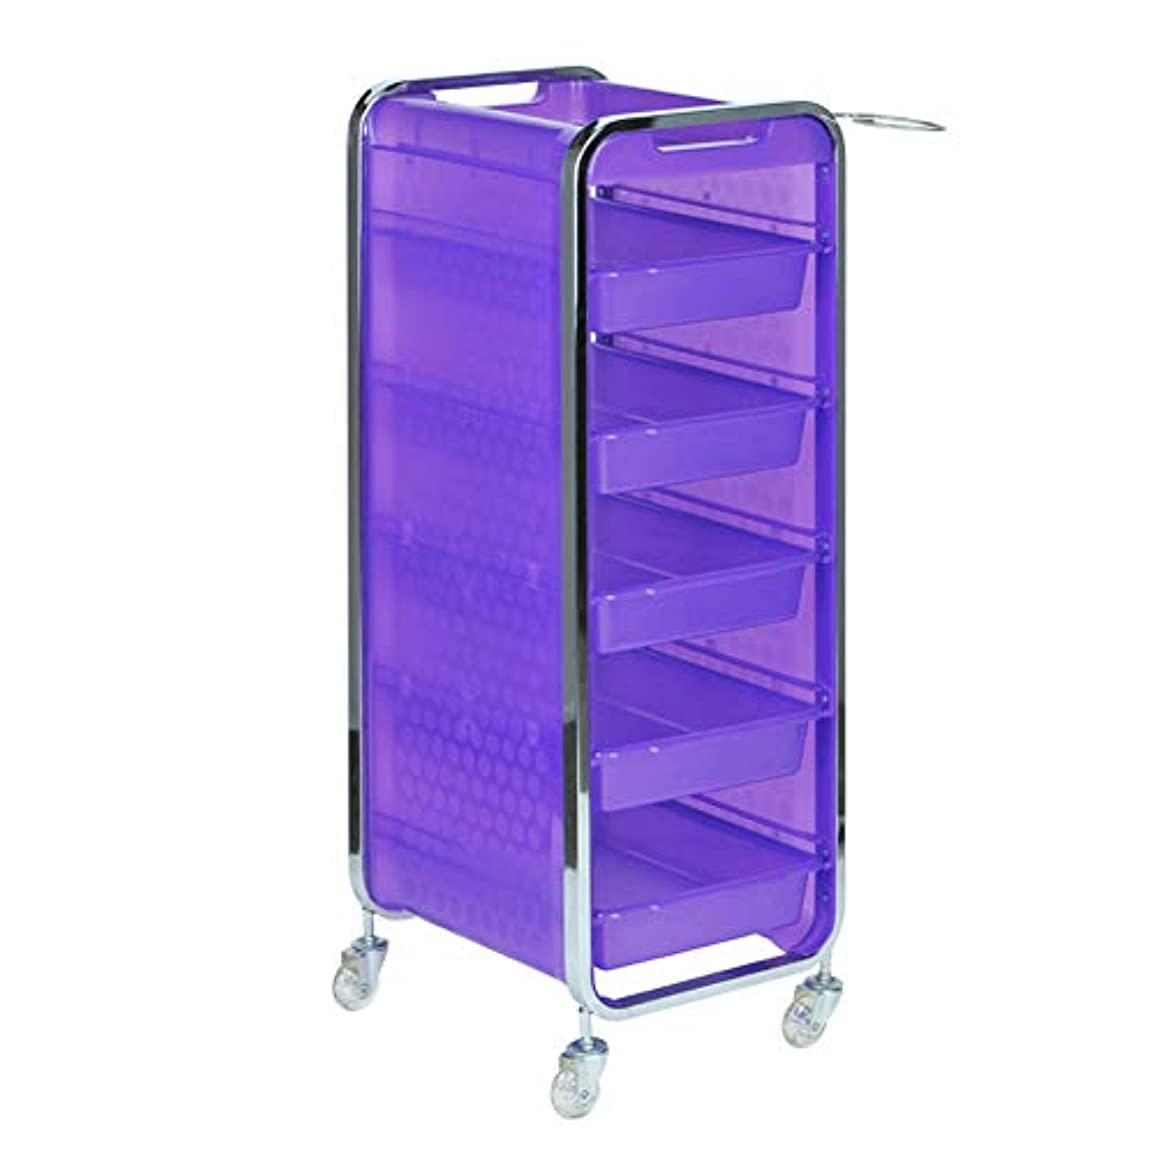 悩むスカートヒューズサロン美容院トロリー美容美容収納カート6層トレイ多機能引き出し虹色,Purple,A